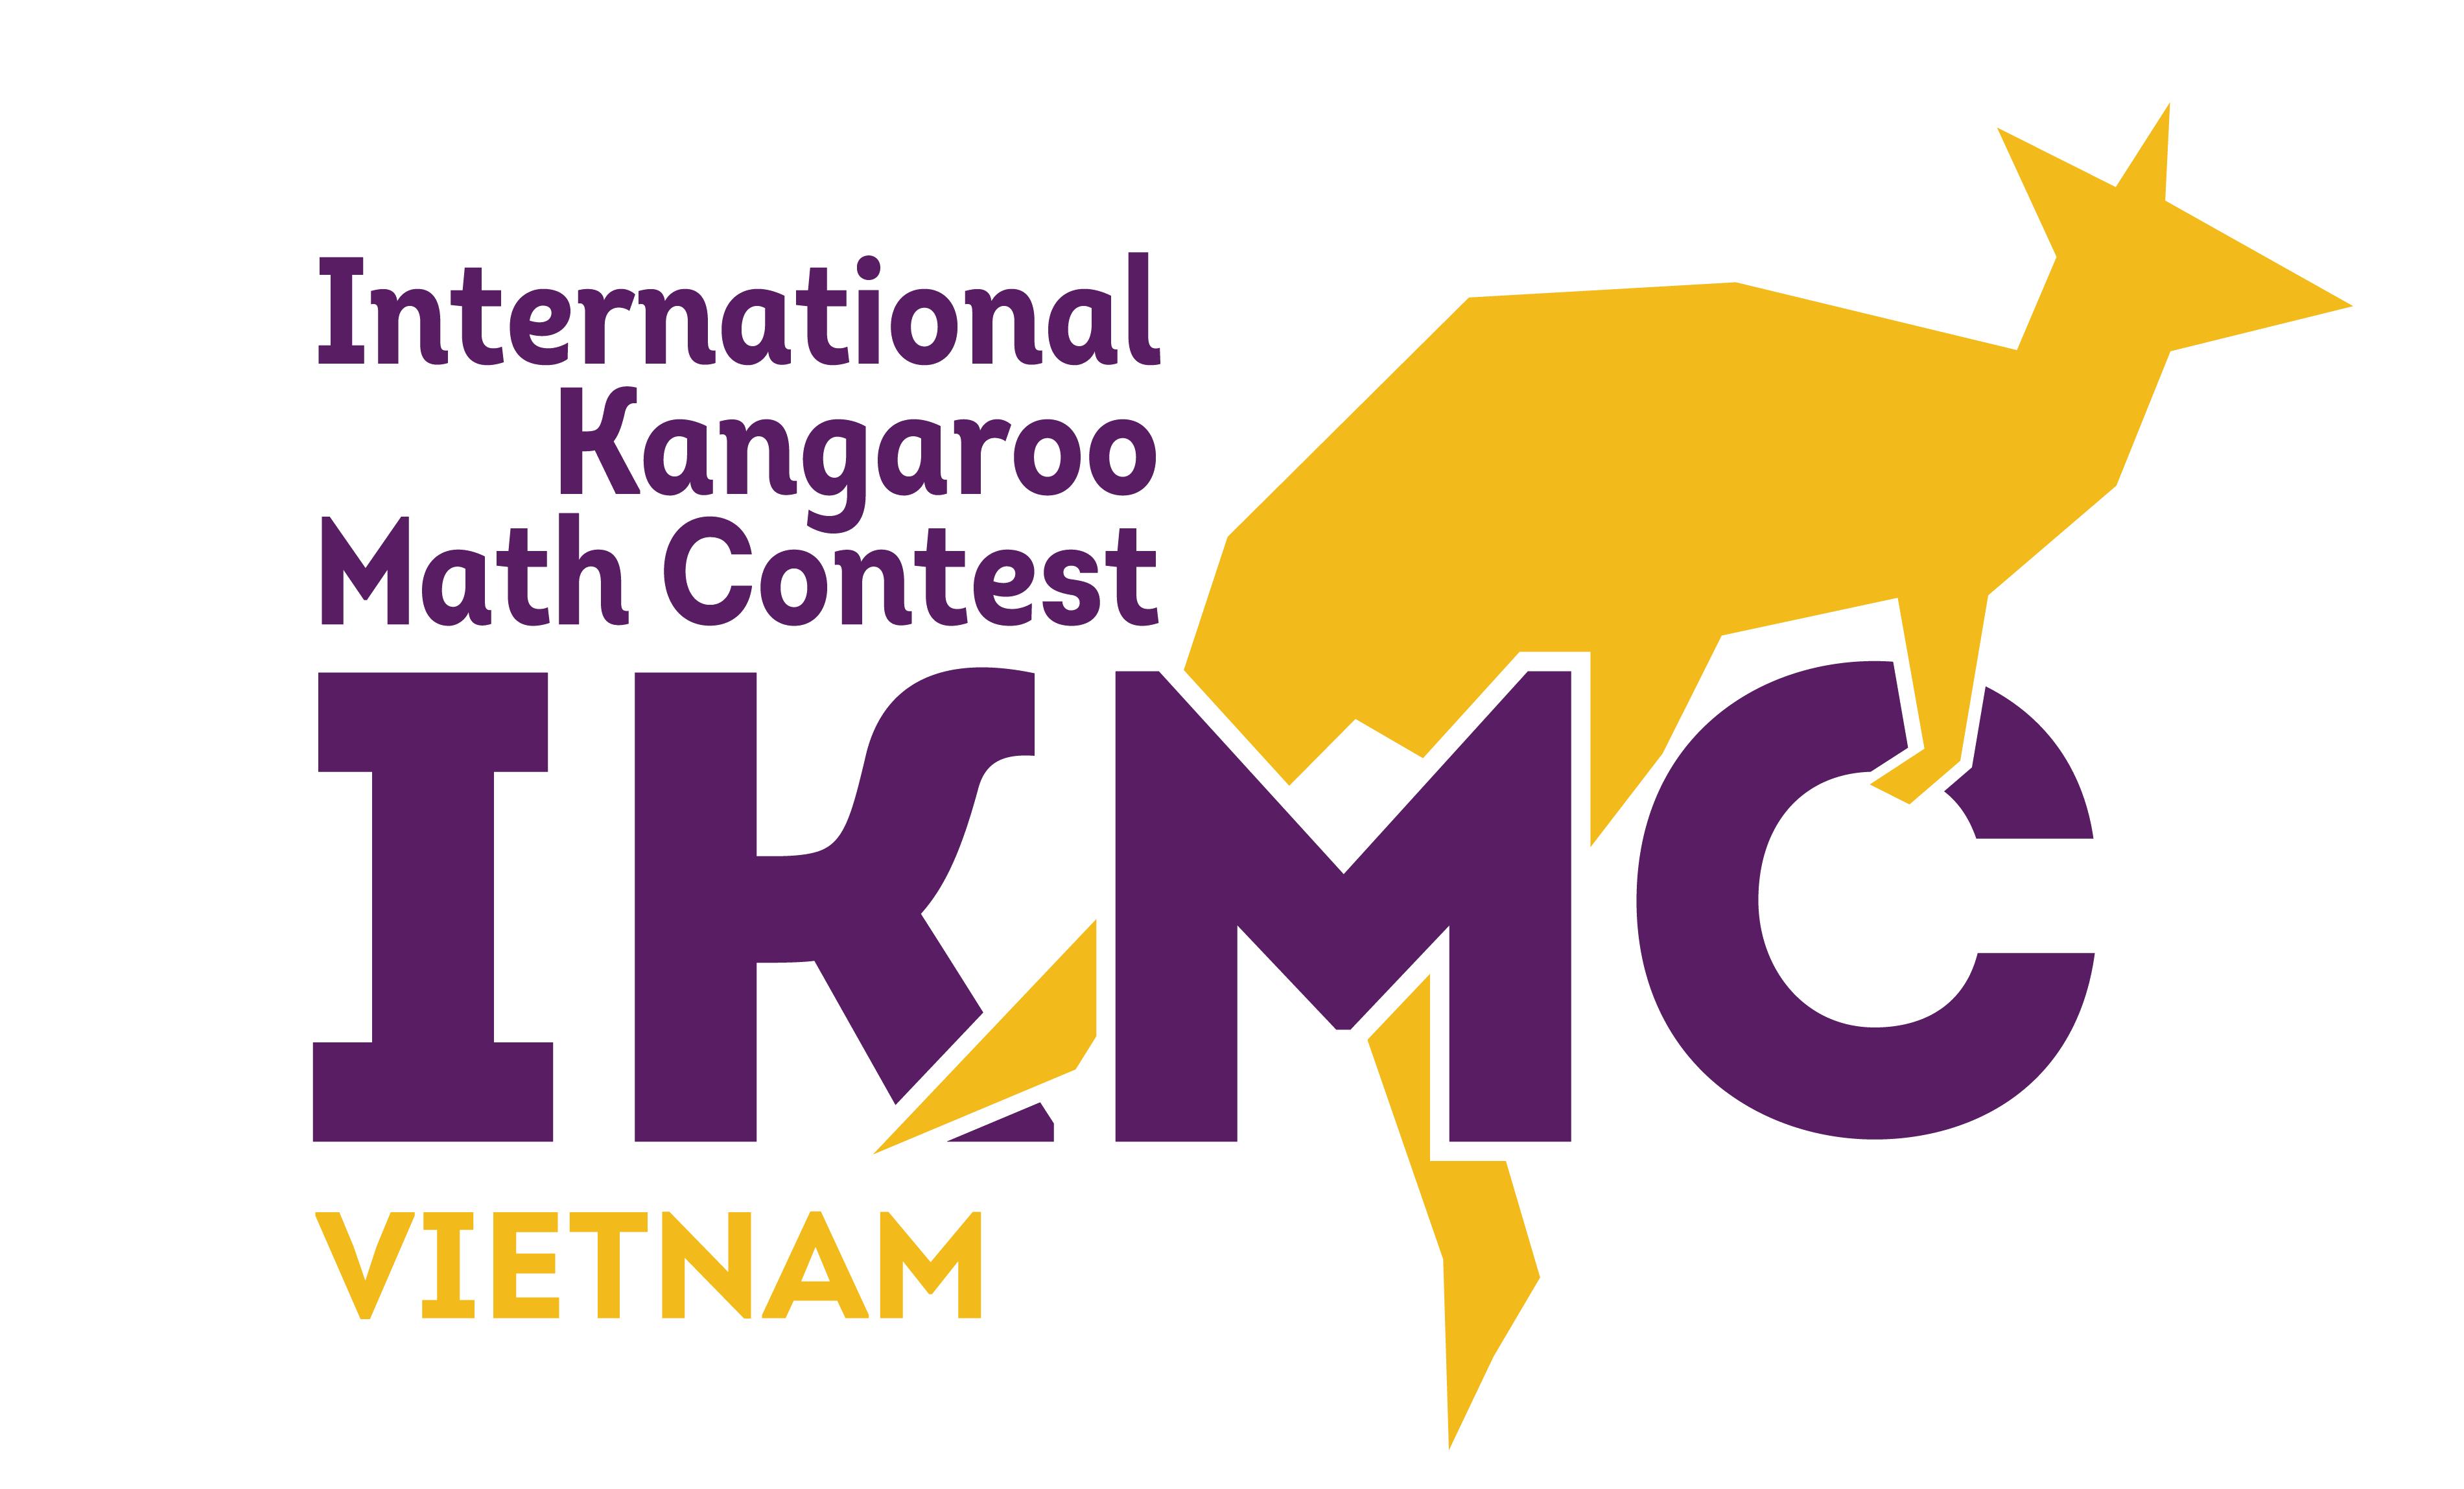 Kỳ thi toán quốc tế Kangaroo - IKMC (Ảnh: website kỳ thi)